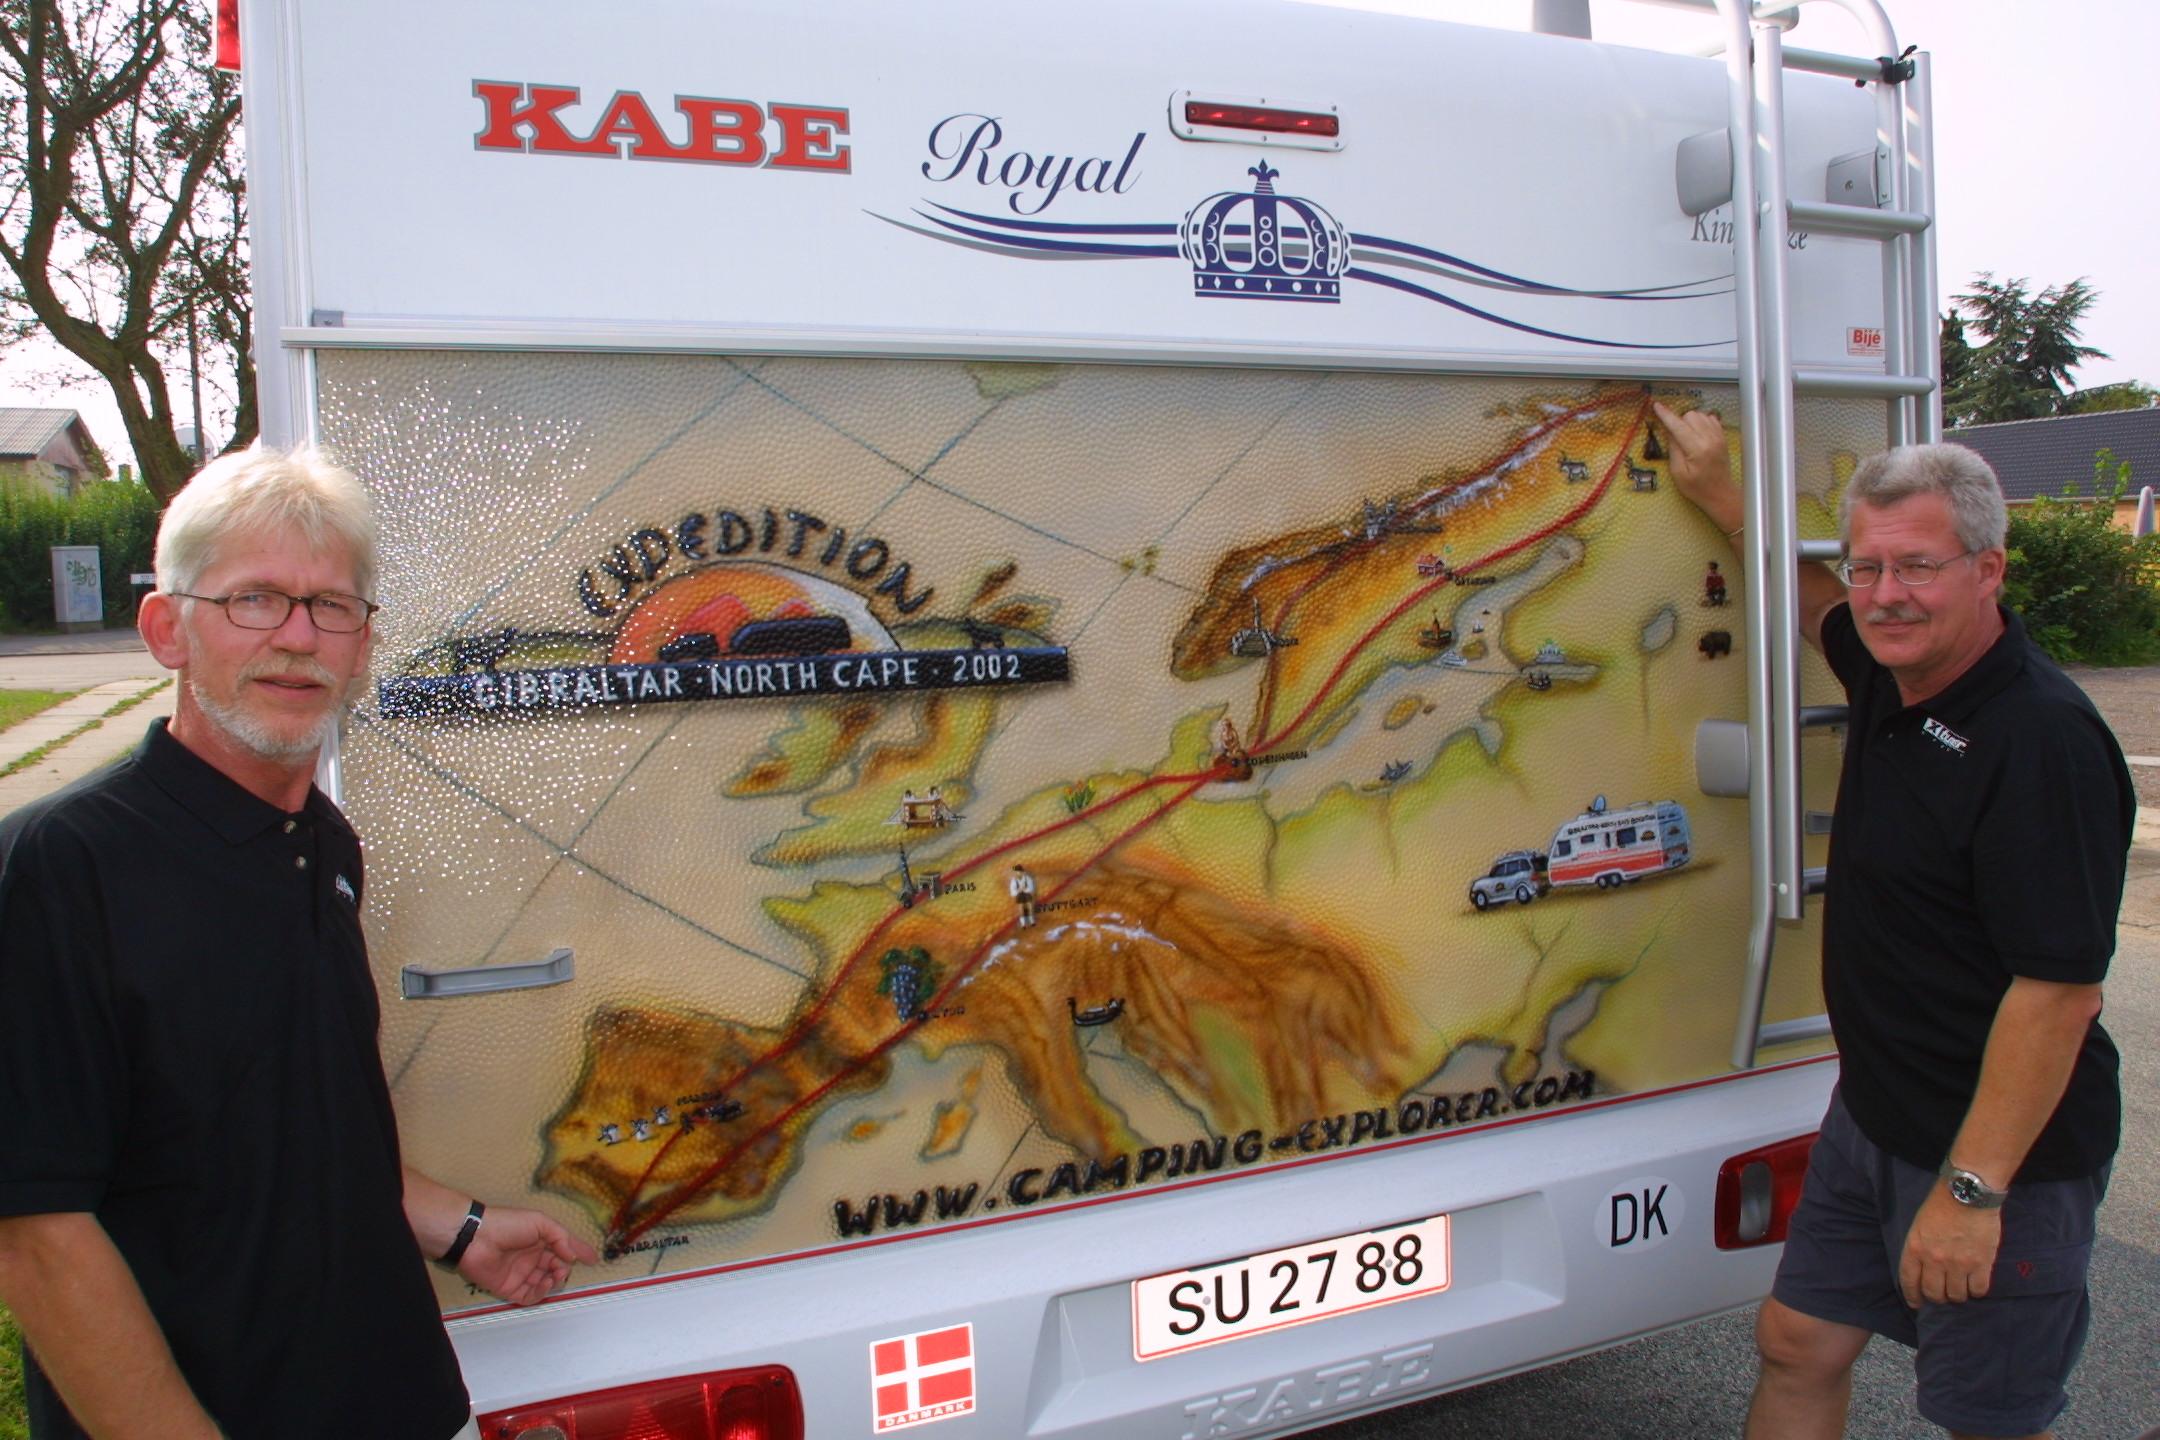 Ruten med Europas længste campingtur er malet bag på Peers campingvogn.